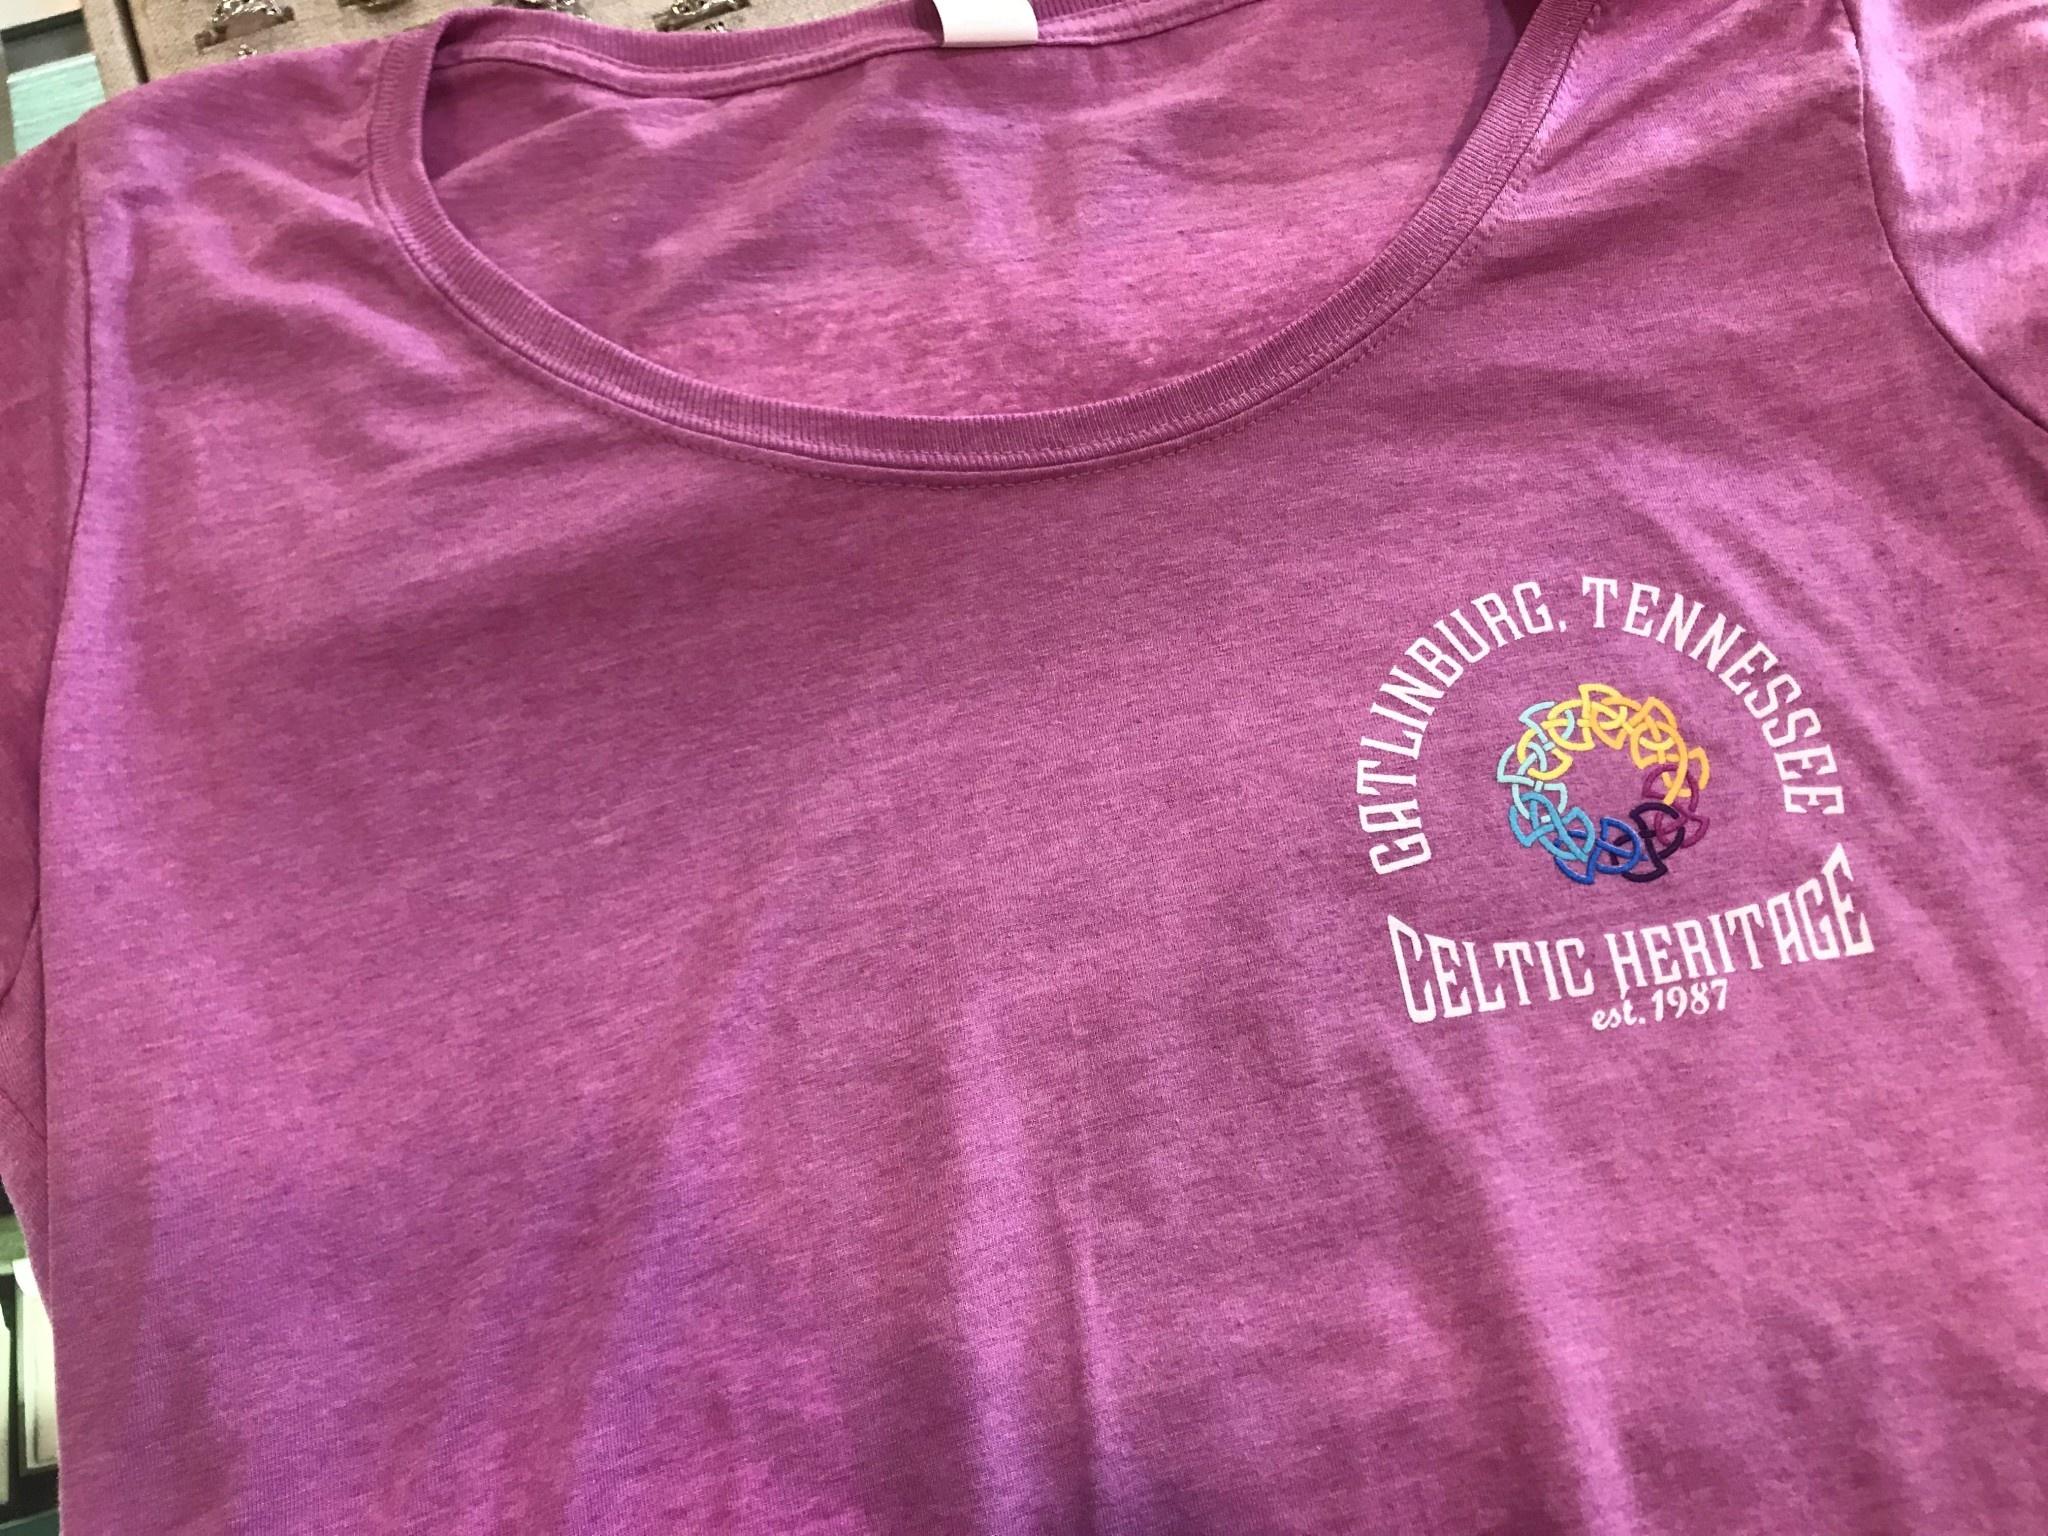 Shirt: Wm Celt Nations